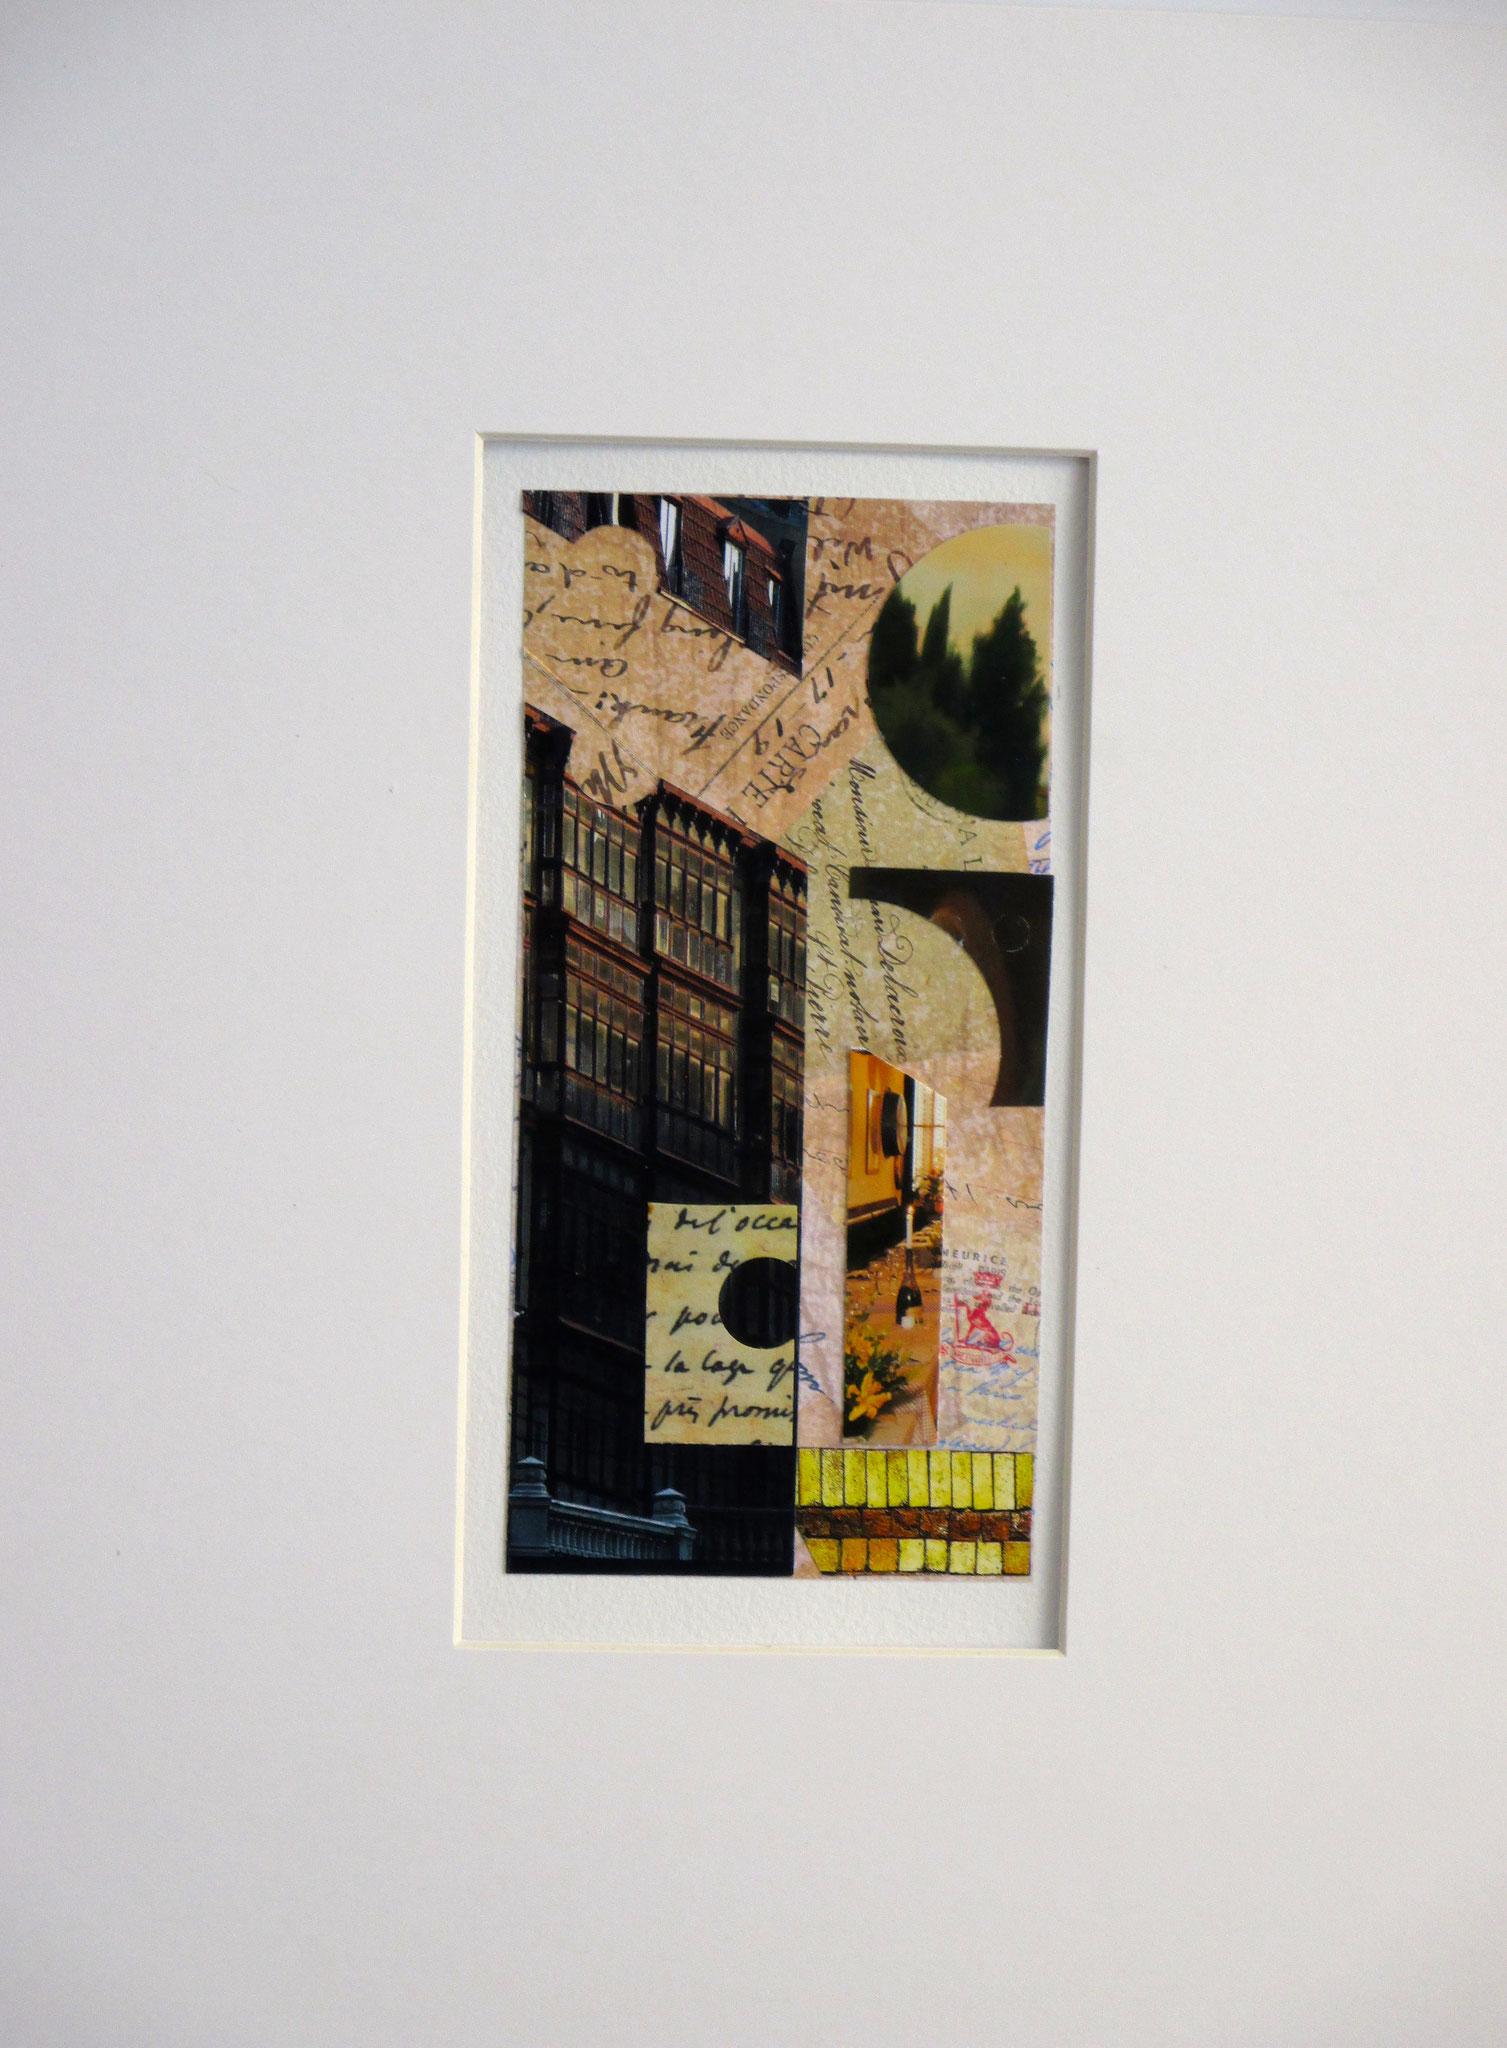 Les Baux de Provence, collage on paper, 11 x 14, matted, 2016, SOLD